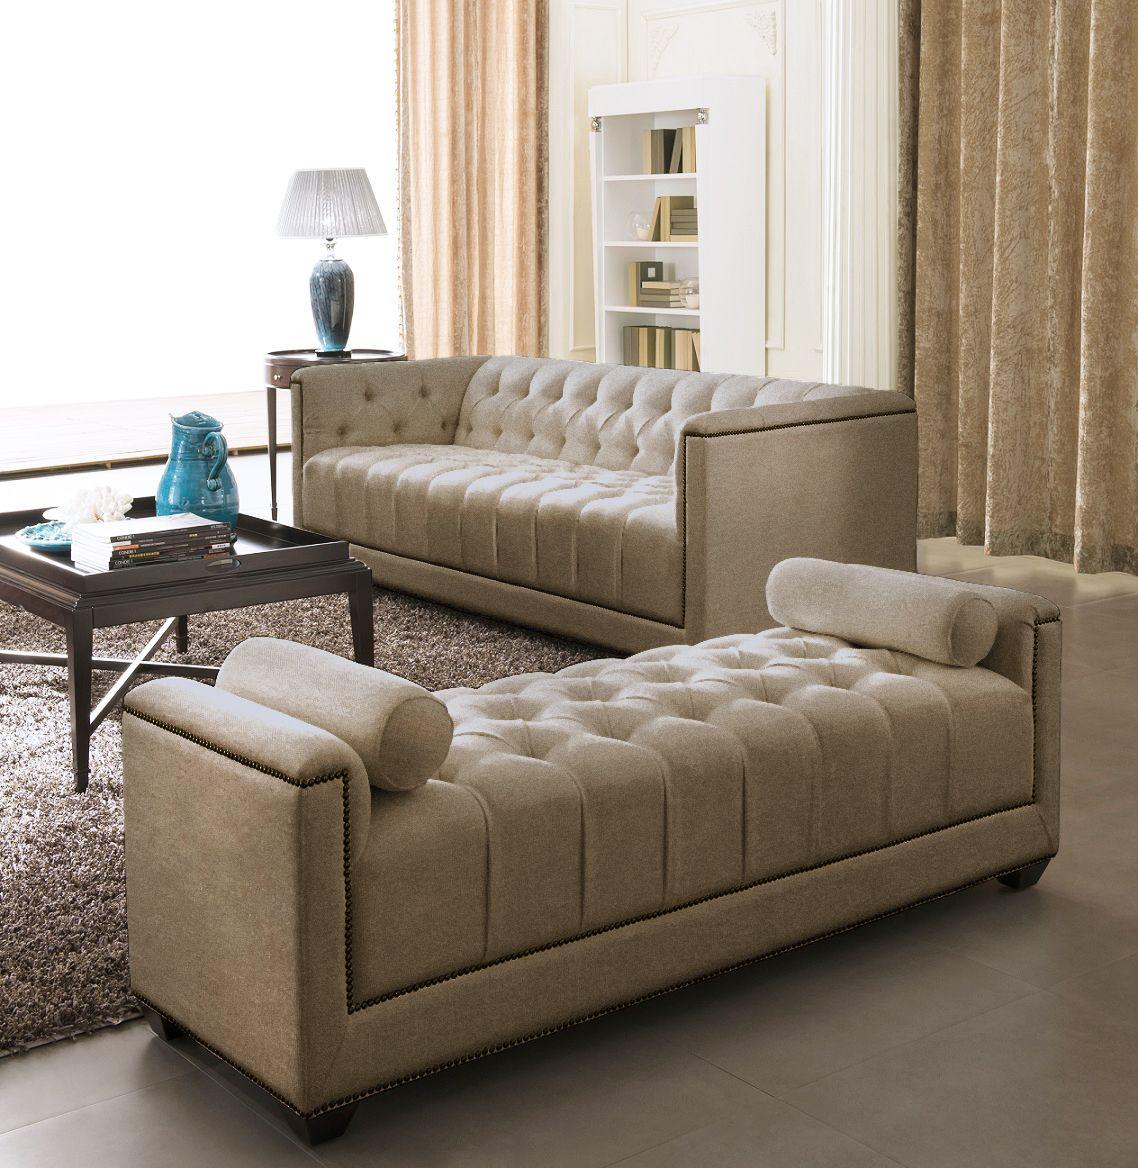 brown design sofa cama